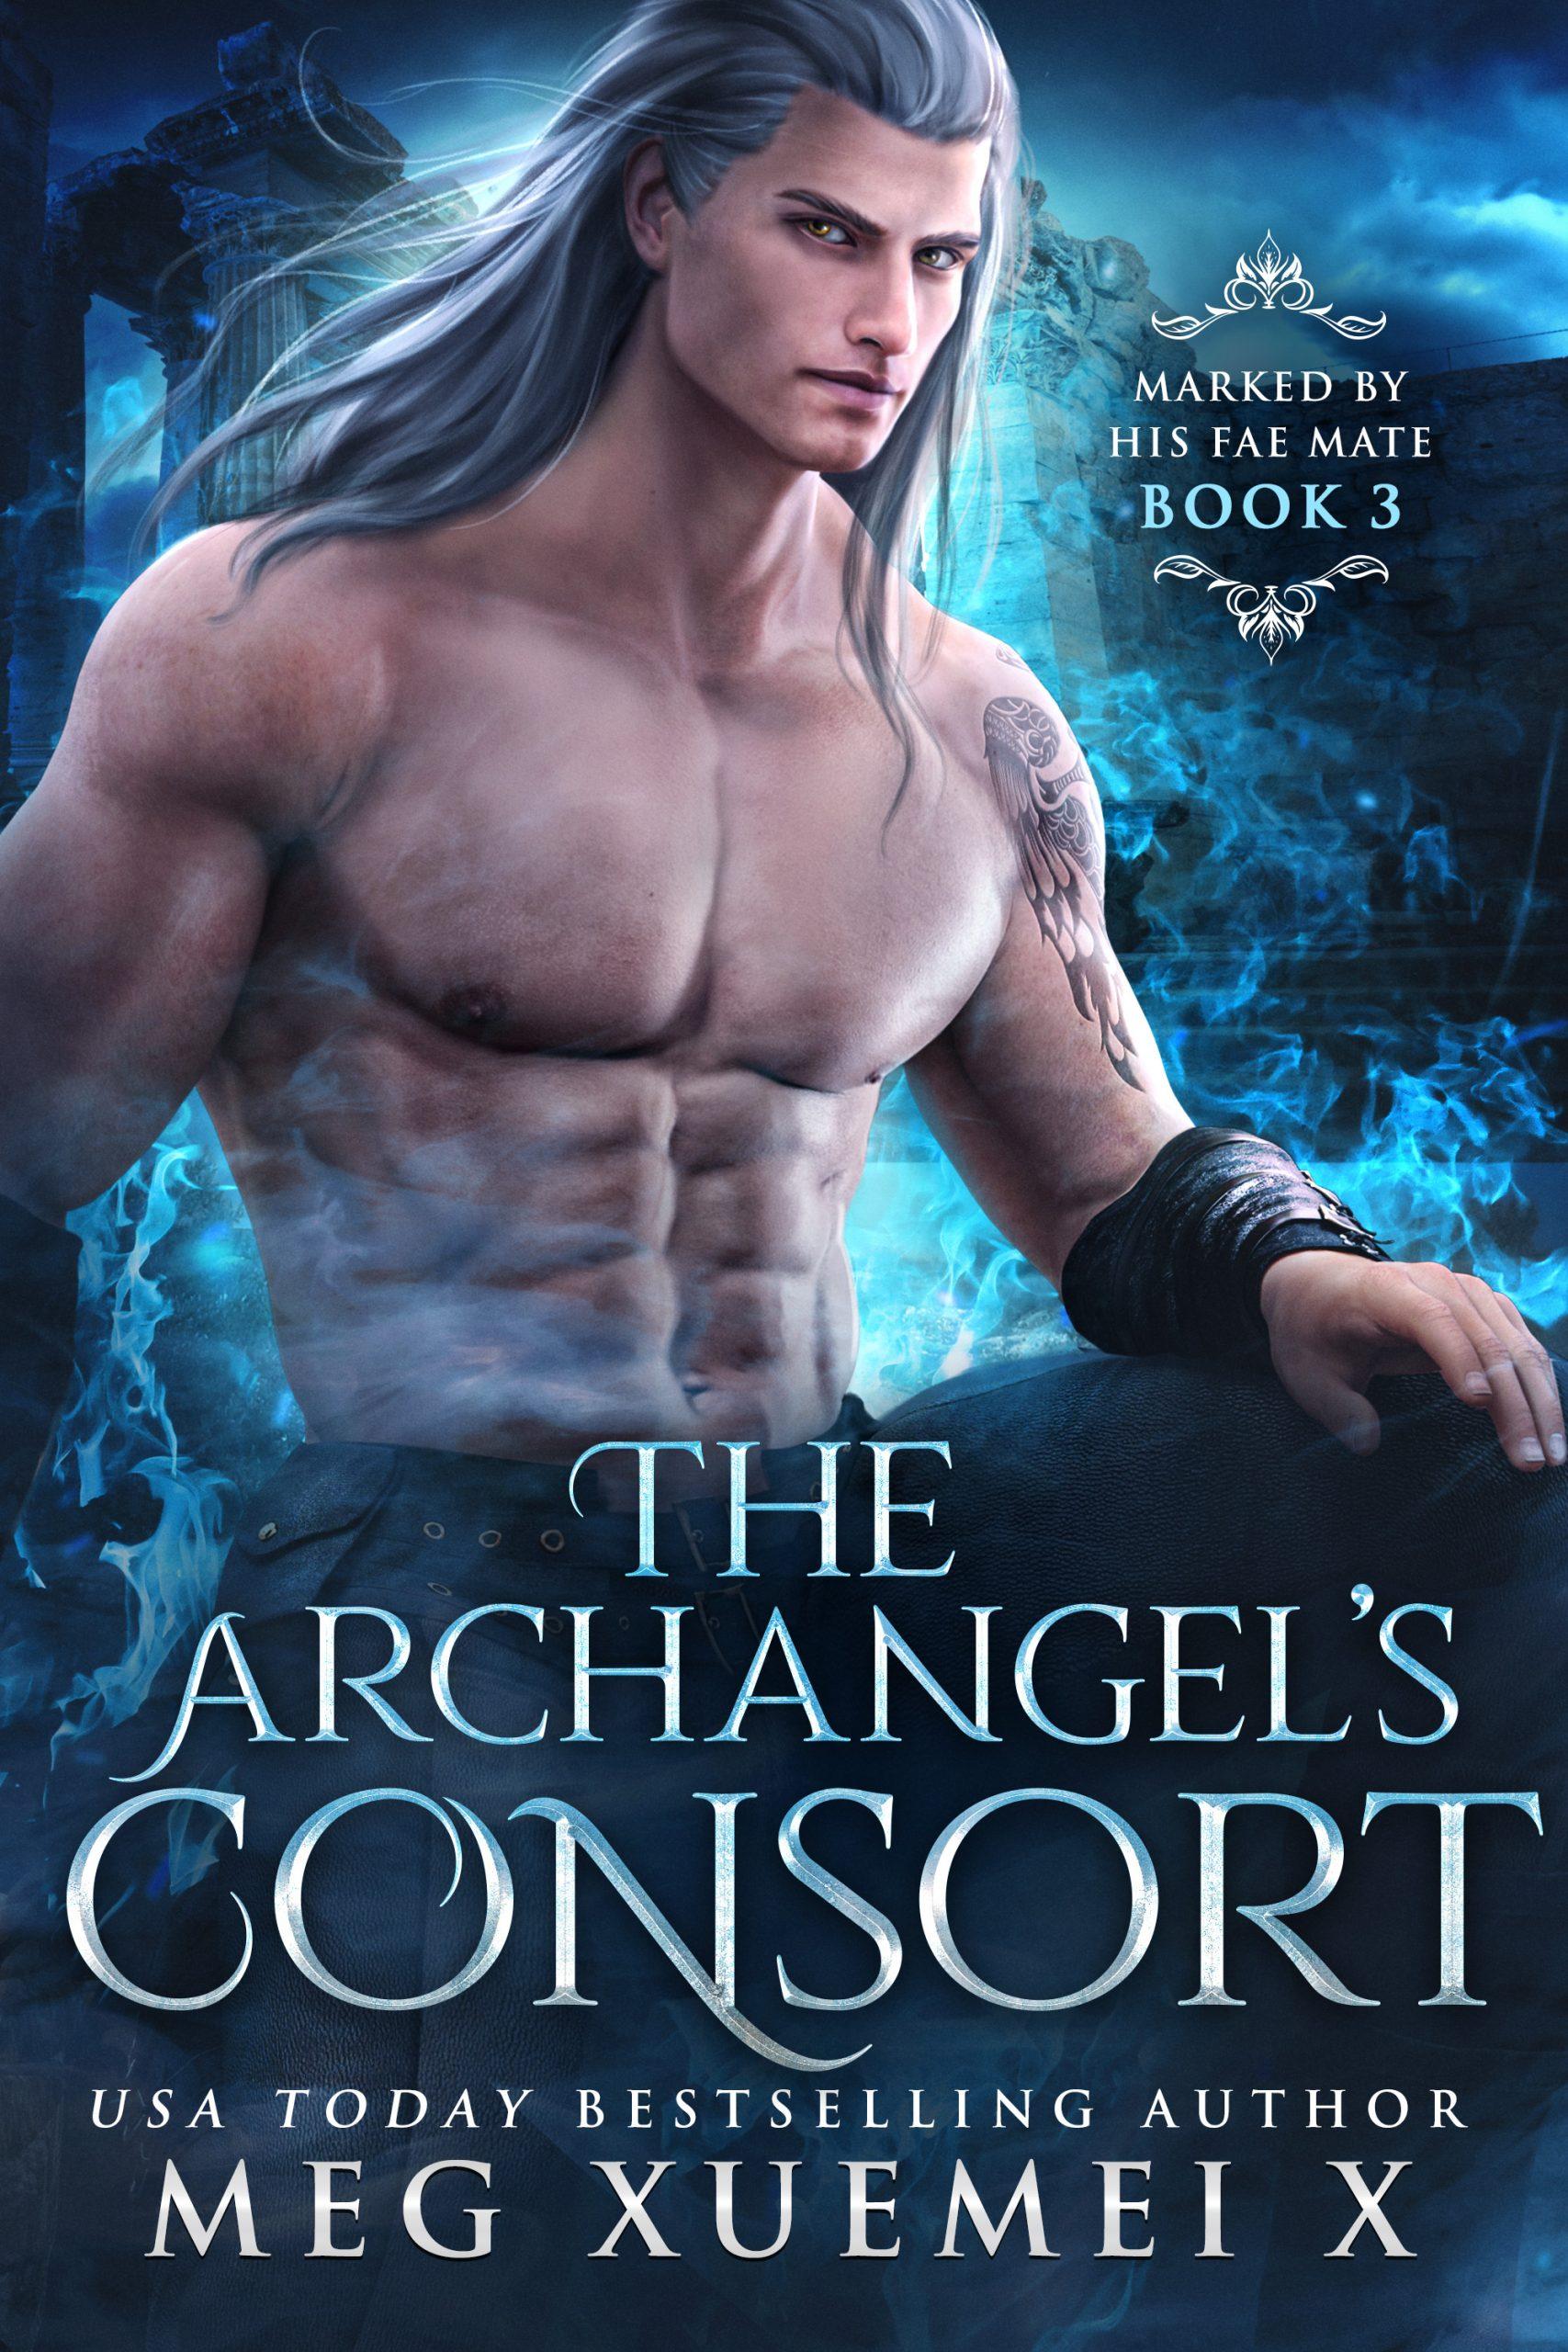 The Archangel's Consort (1)